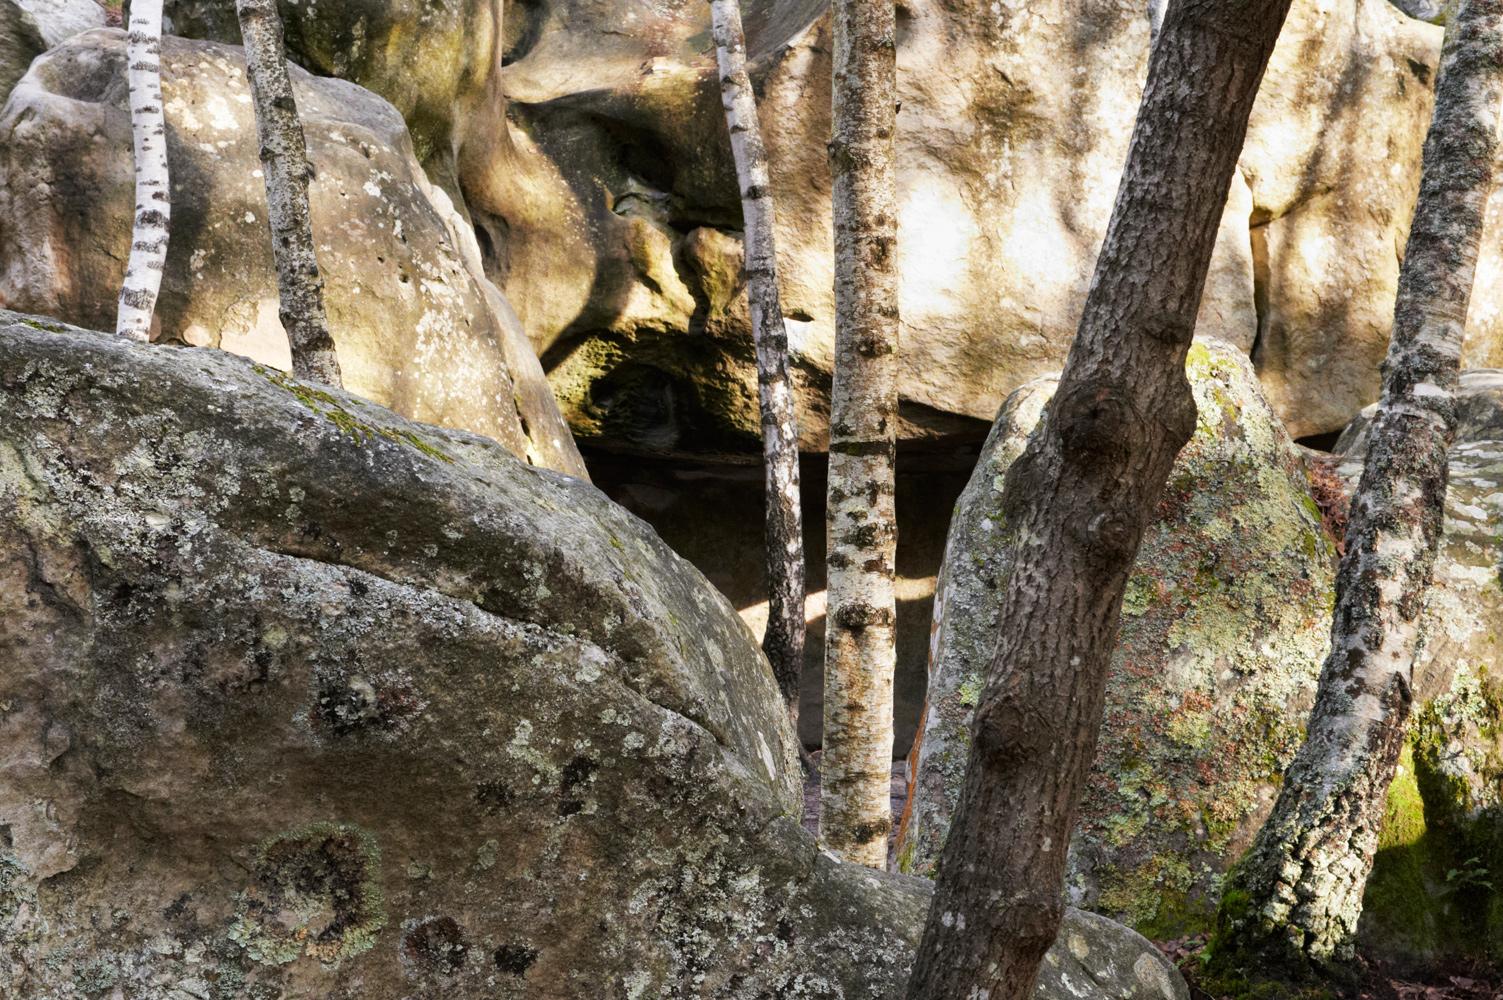 Des arbres et des pierres, Forêt de Fontainebleau